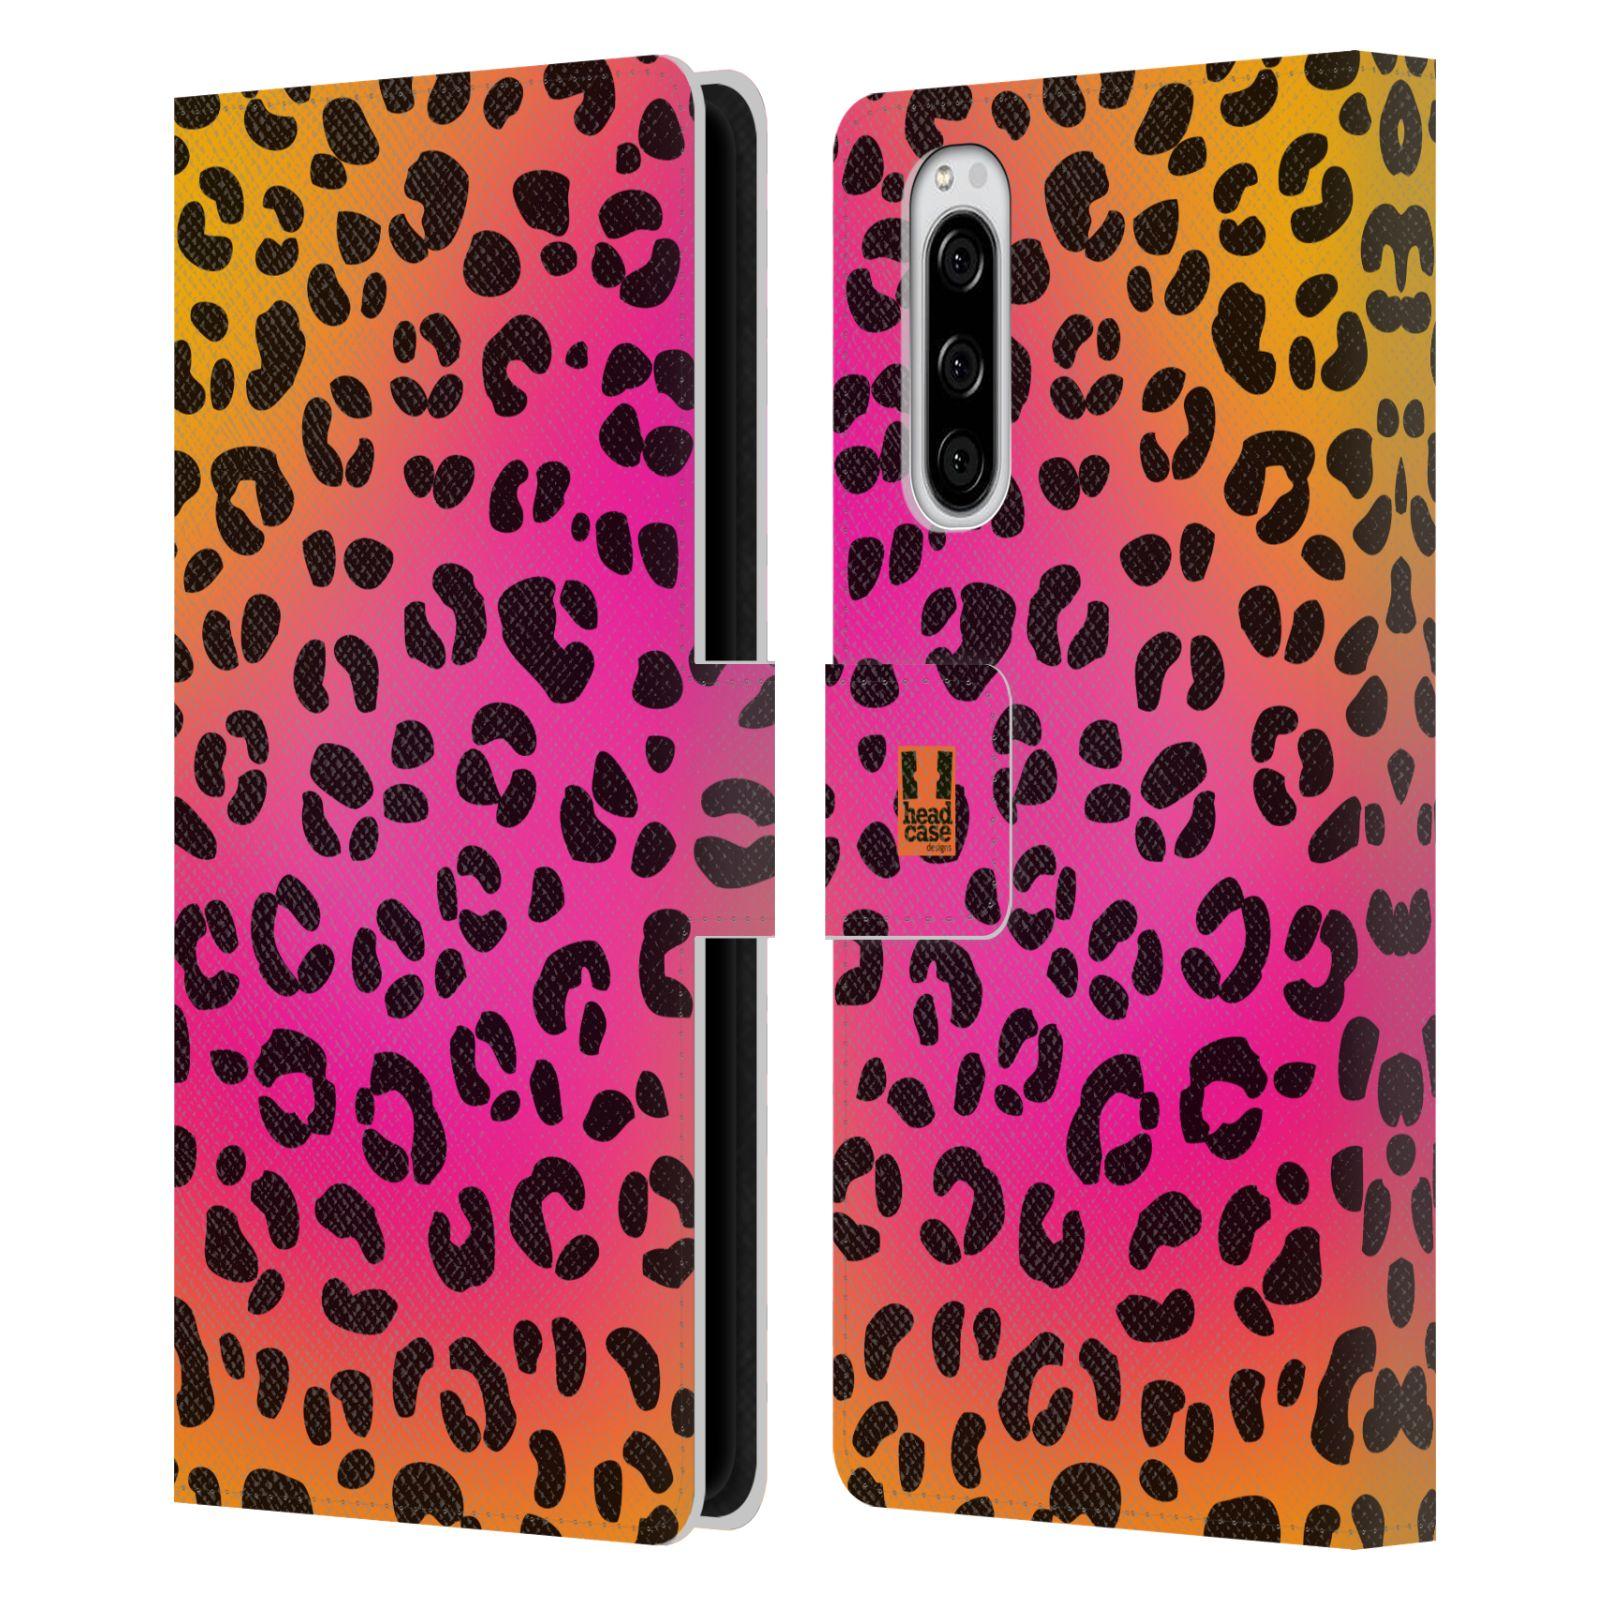 Pouzdro na mobil Sony Xperia 5 Zvířecí barevné vzory růžový leopard